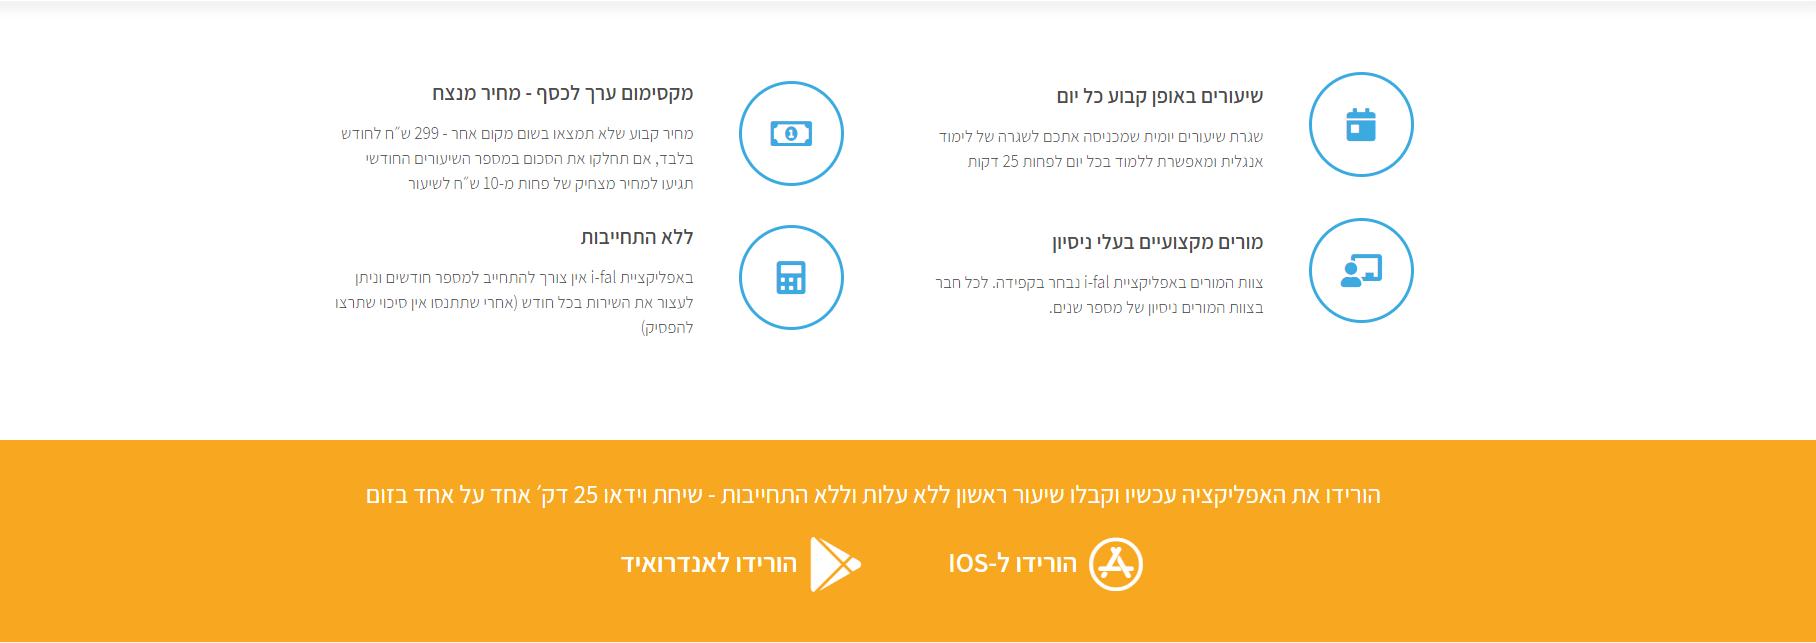 בניית אתר מלא לאפליקציה ללימוד אנגלית - i- fal